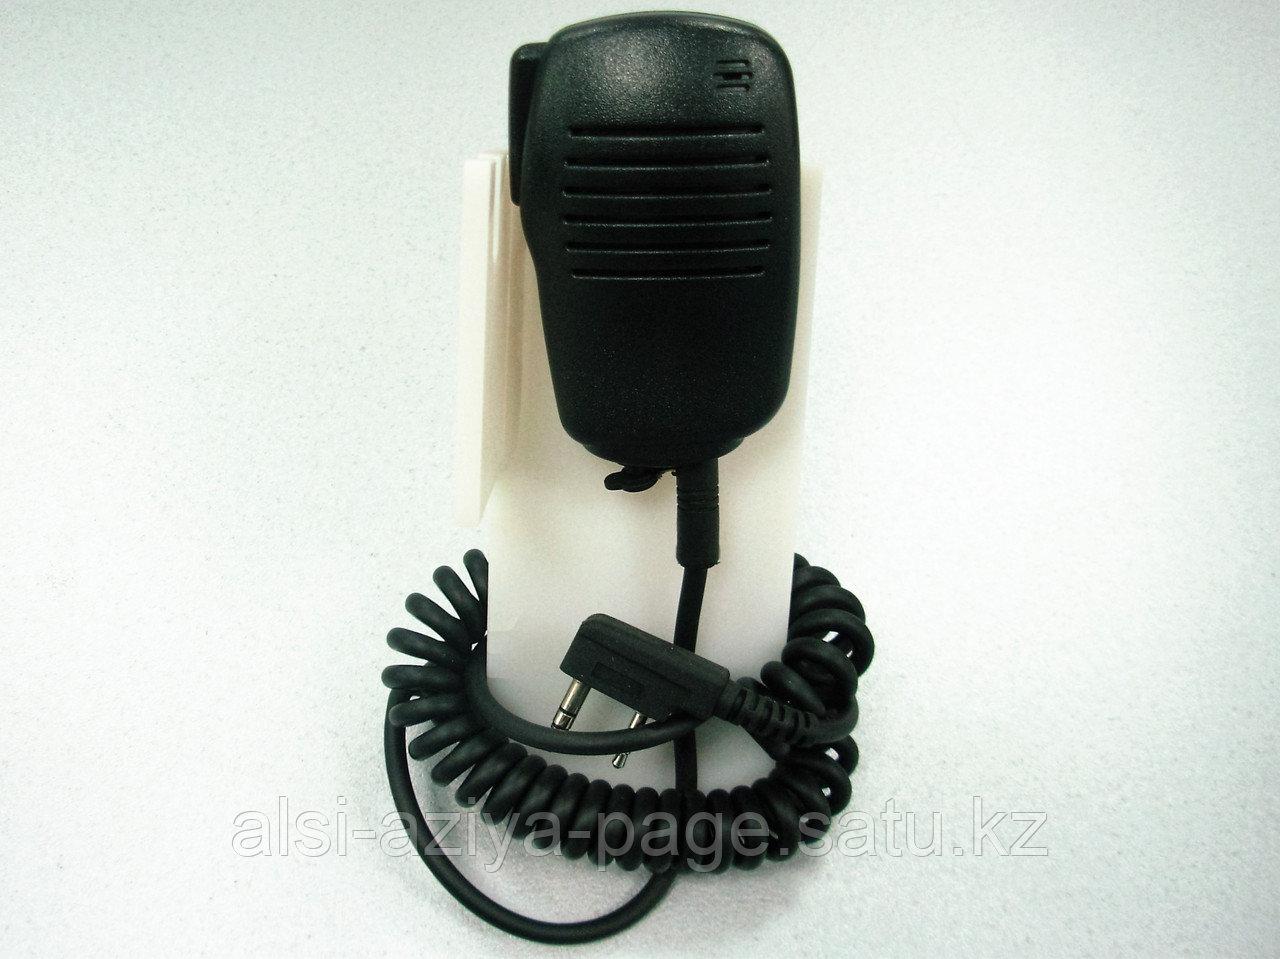 Микрофон SmarTrunk  для рации ST-2112